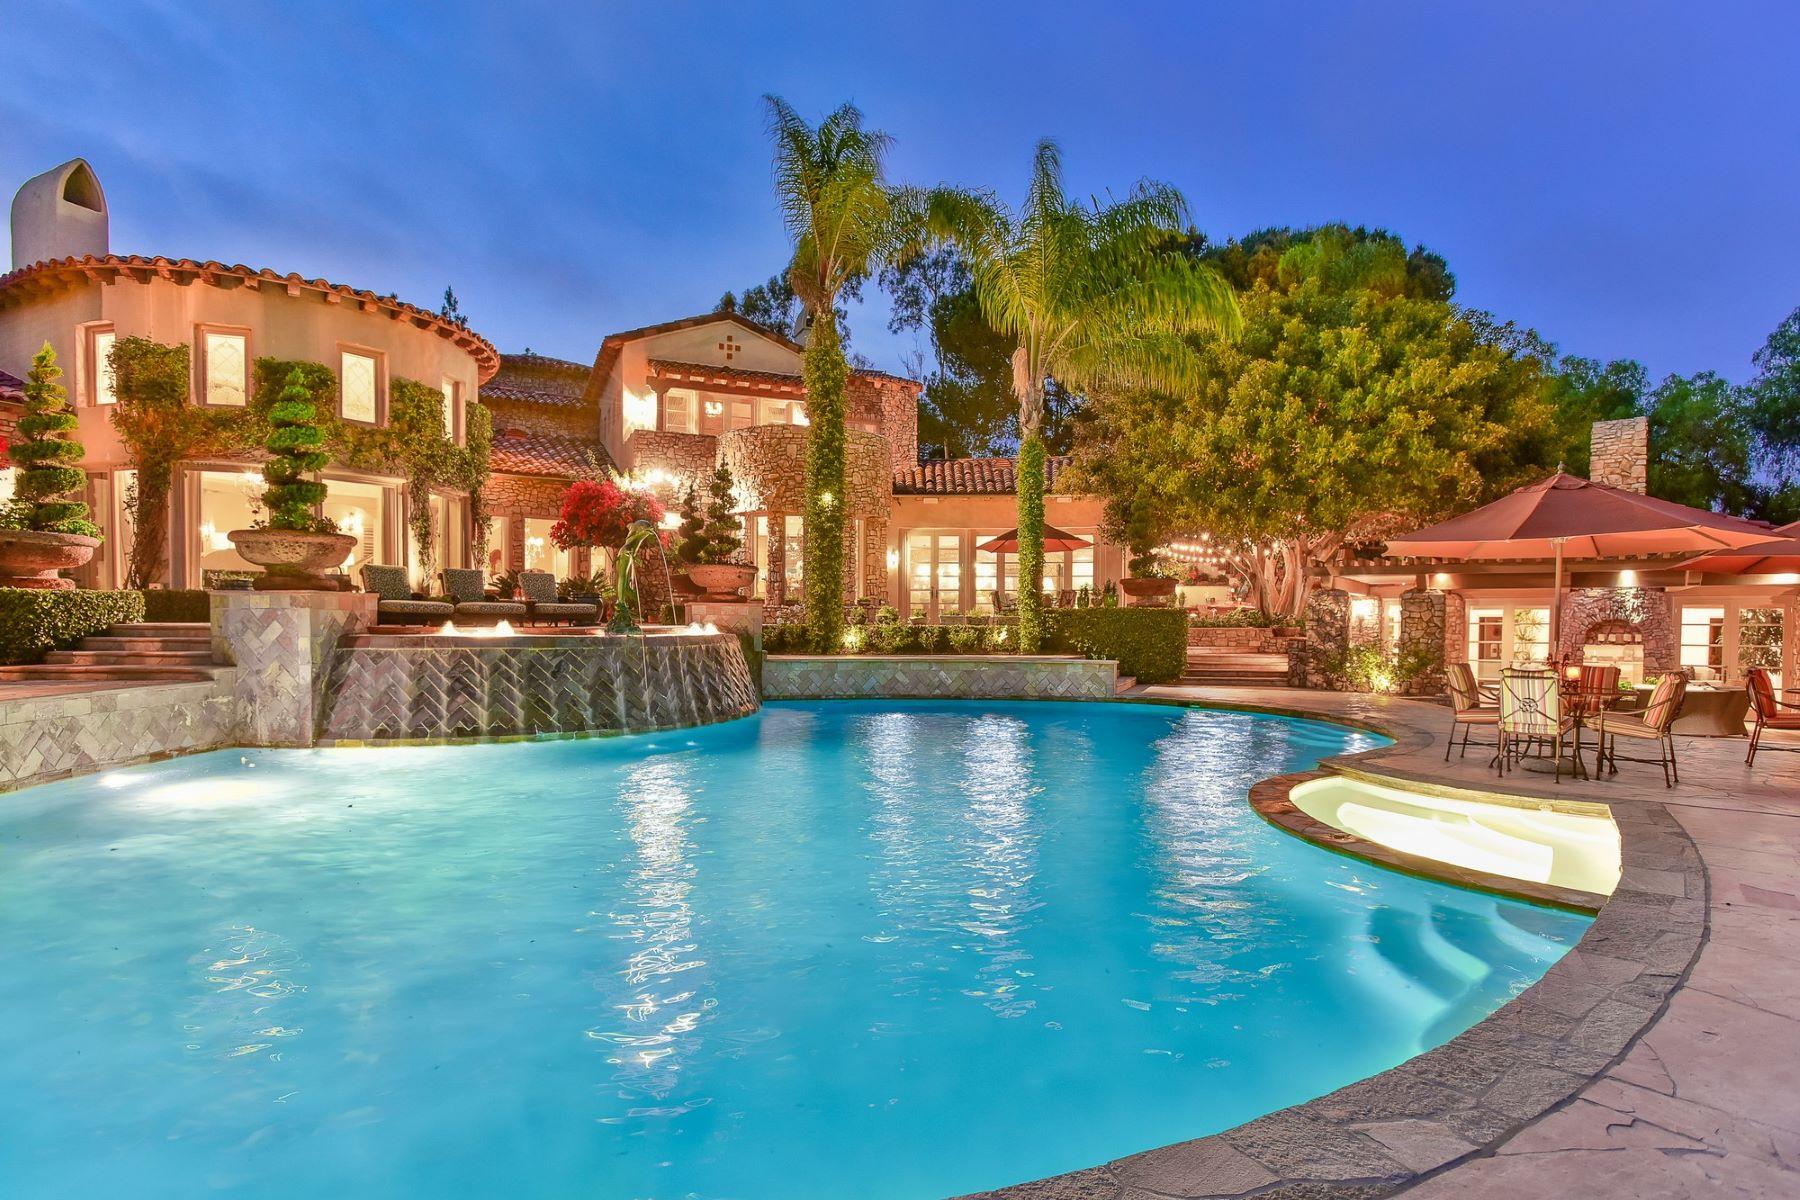 Single Family Home for Active at 7059 El Vuelo Del Este 7059 El Vuelo Del Este Rancho Santa Fe, California 92067 United States